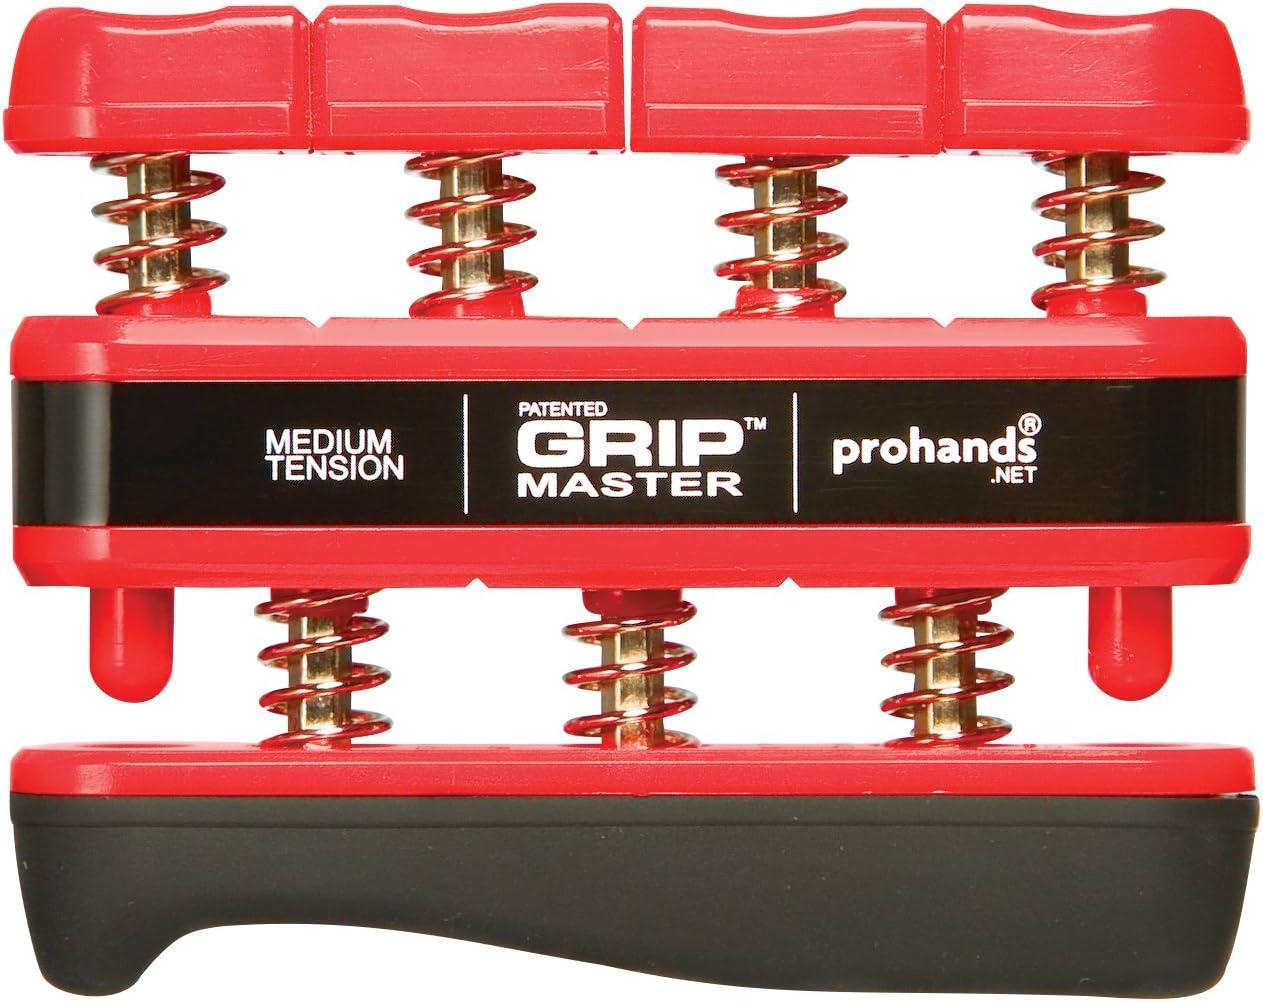 B0006GC5D8 PROHANDS Gripmaster Hand Exerciser, Finger Exerciser (Hand Grip Strengthener), Spring-Loaded, Finger-Piston System, Isolate and Exercise Each Finger 71WKKR5SZrL